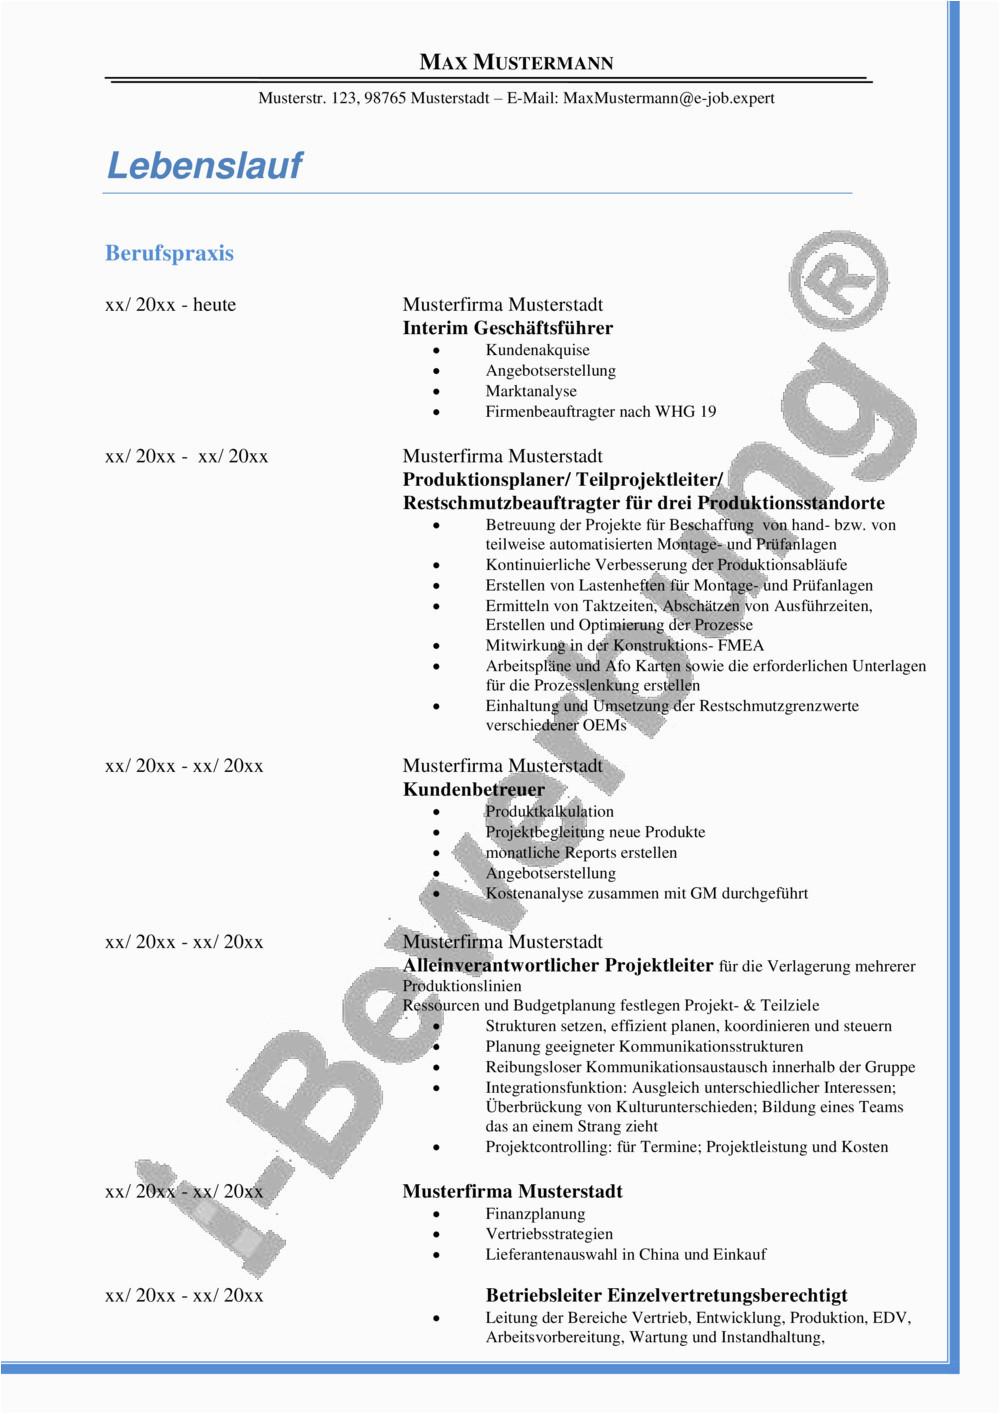 i Bewerbung Fuehrungskraft im technischen Bereich CV pdf